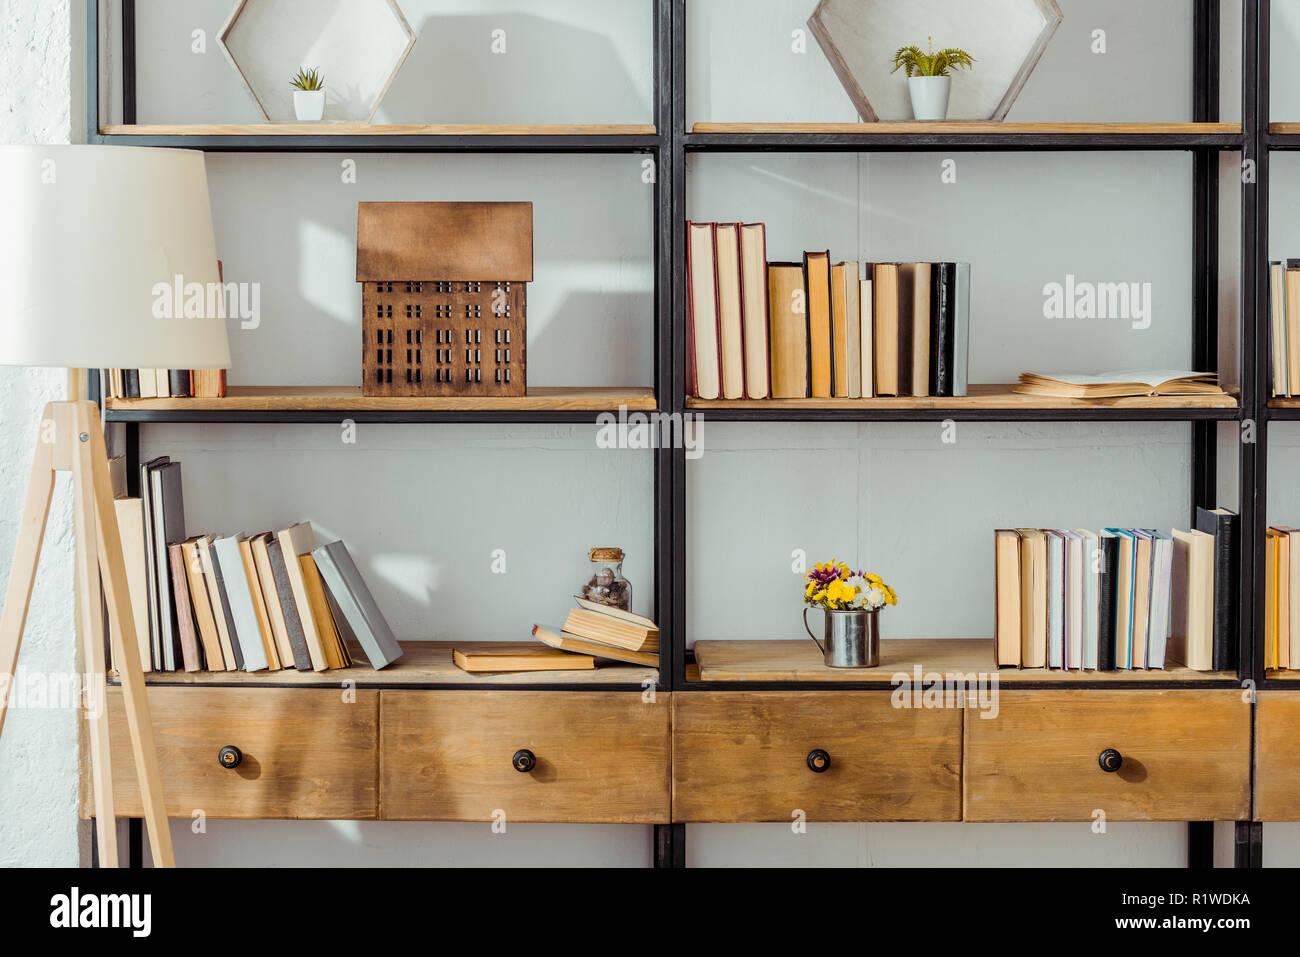 Nahaufnahme der Holz- Regal mit Büchern im Wohnzimmer Stockfoto